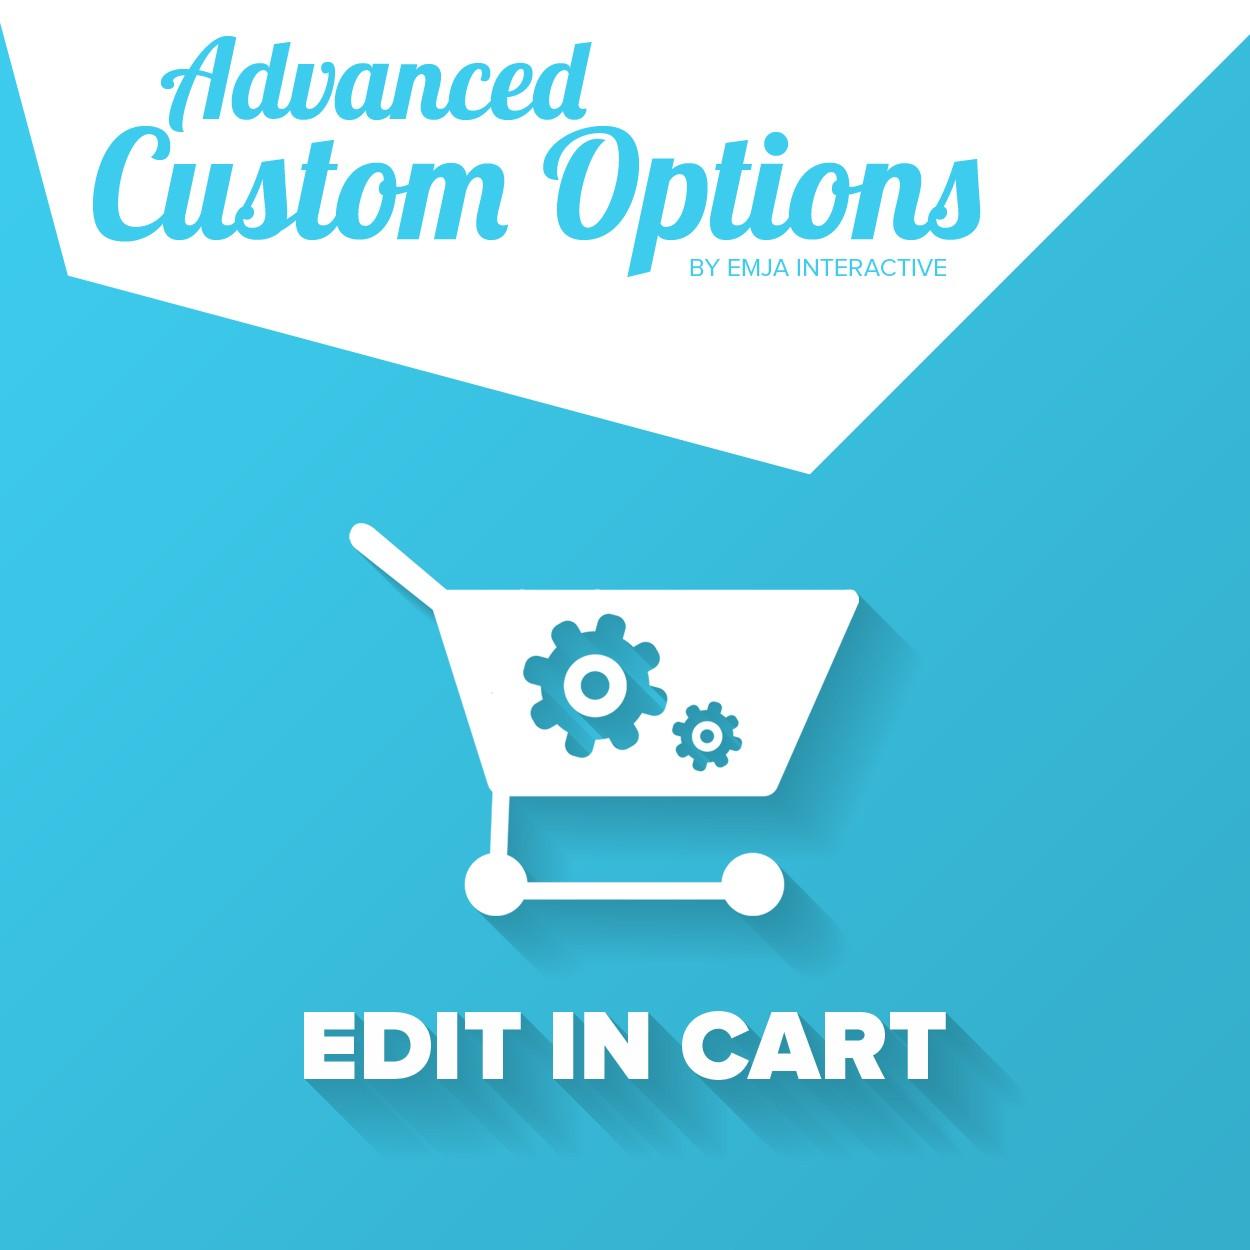 Advanced Custom Options - Box Art